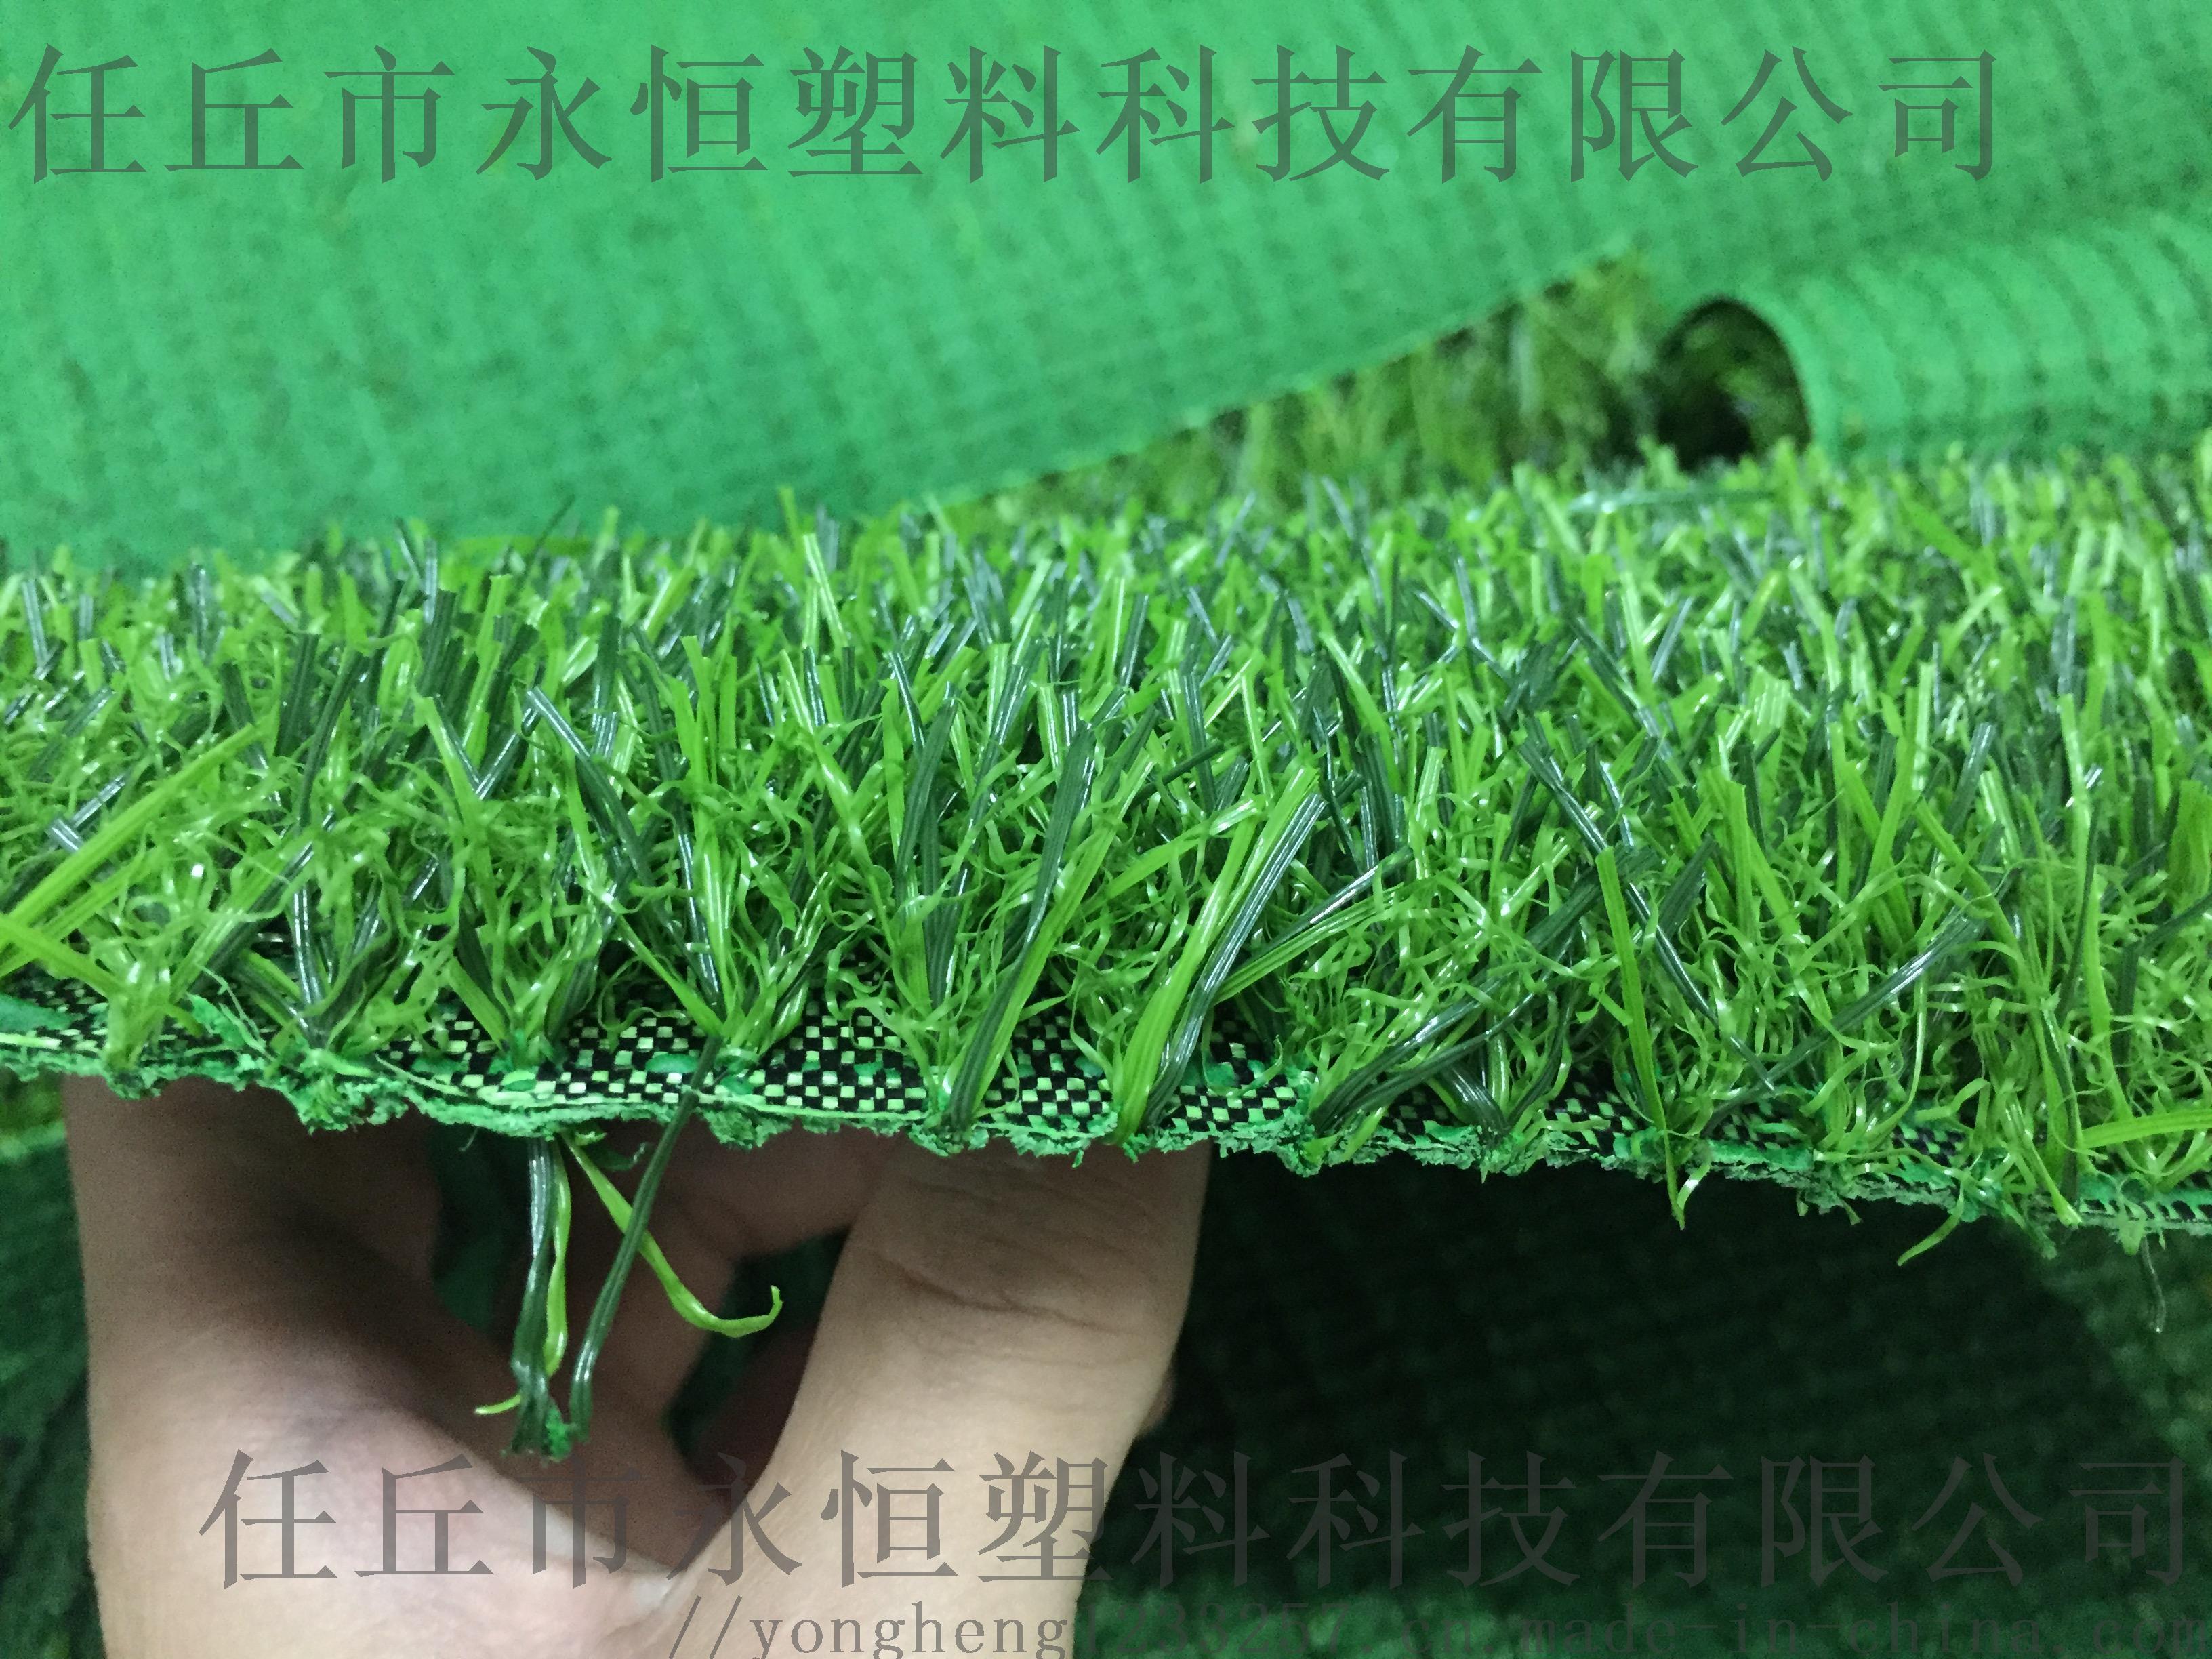 人造草坪 人工草坪厂家直销加工定制草坪59809852